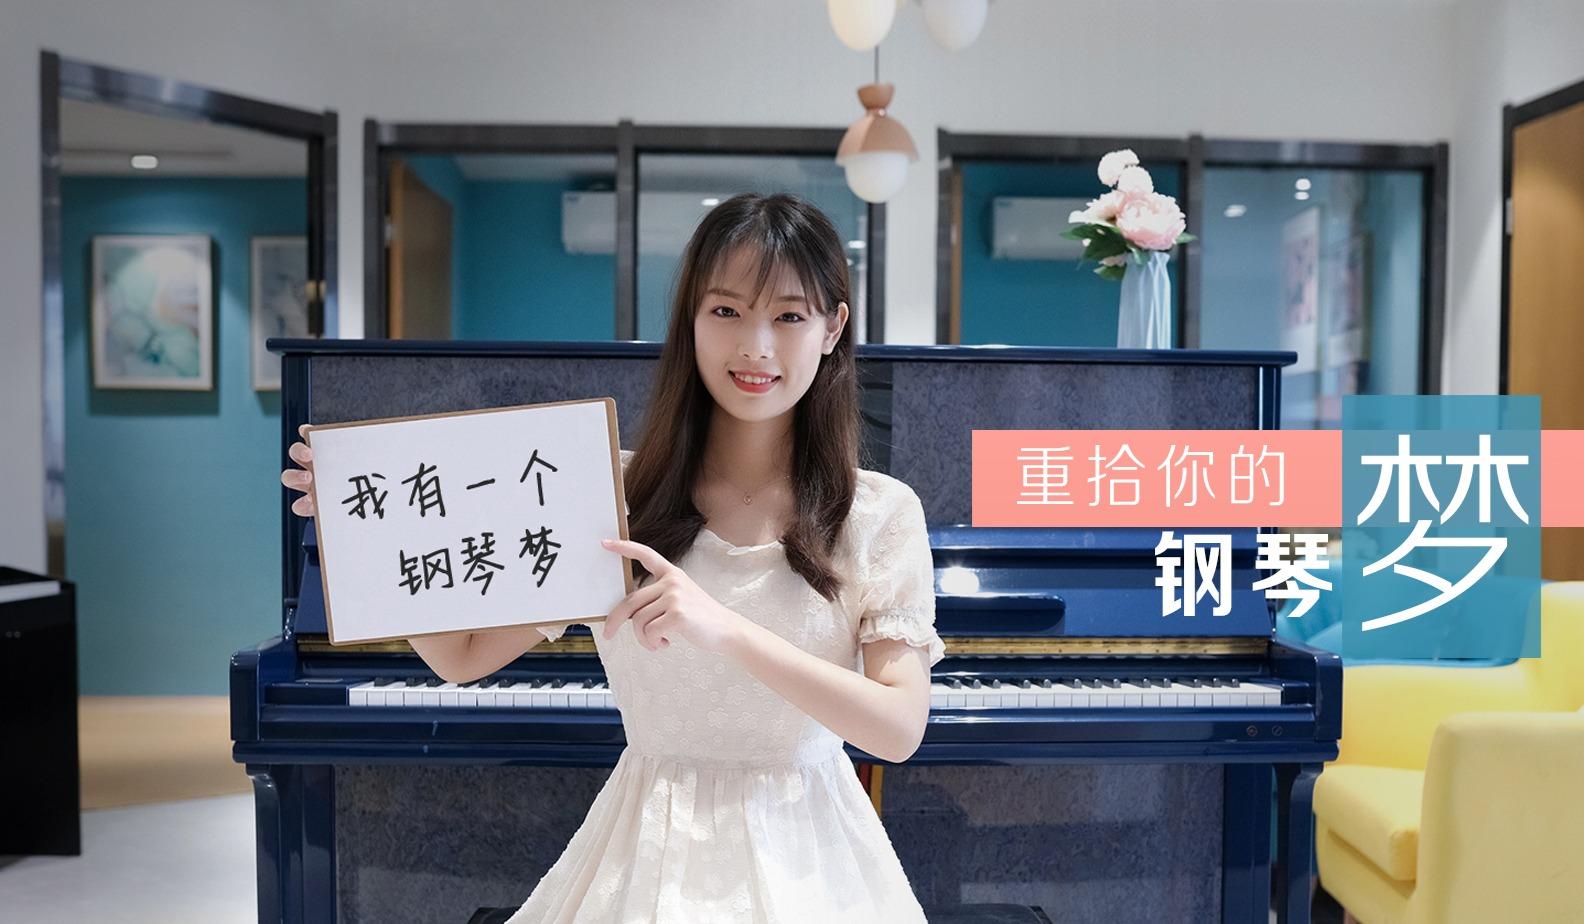 【时尚钢琴】9元学钢琴,零基础学弹一首曲+练琴